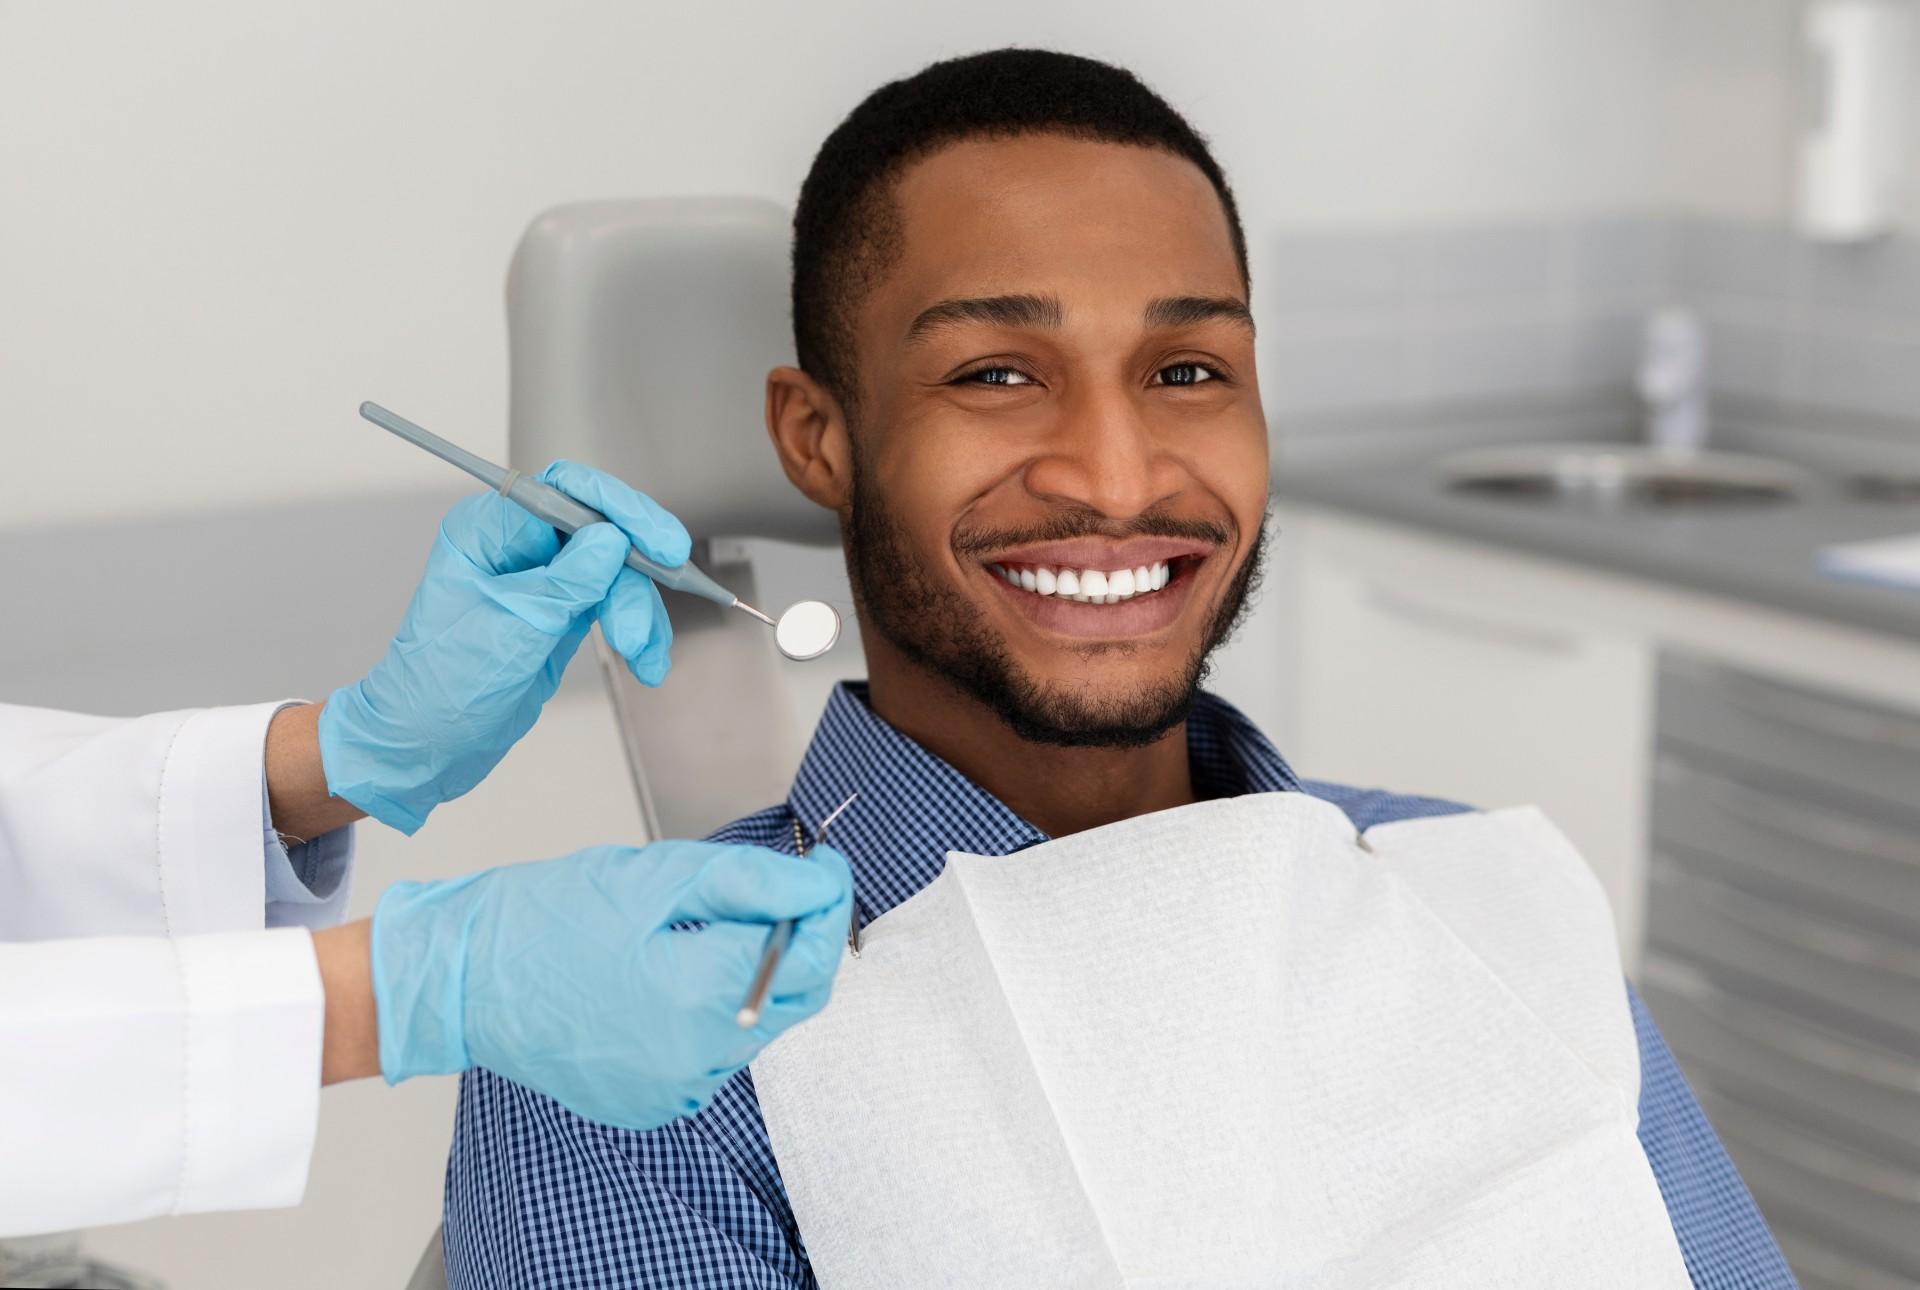 Man Recieving Dental Treatment